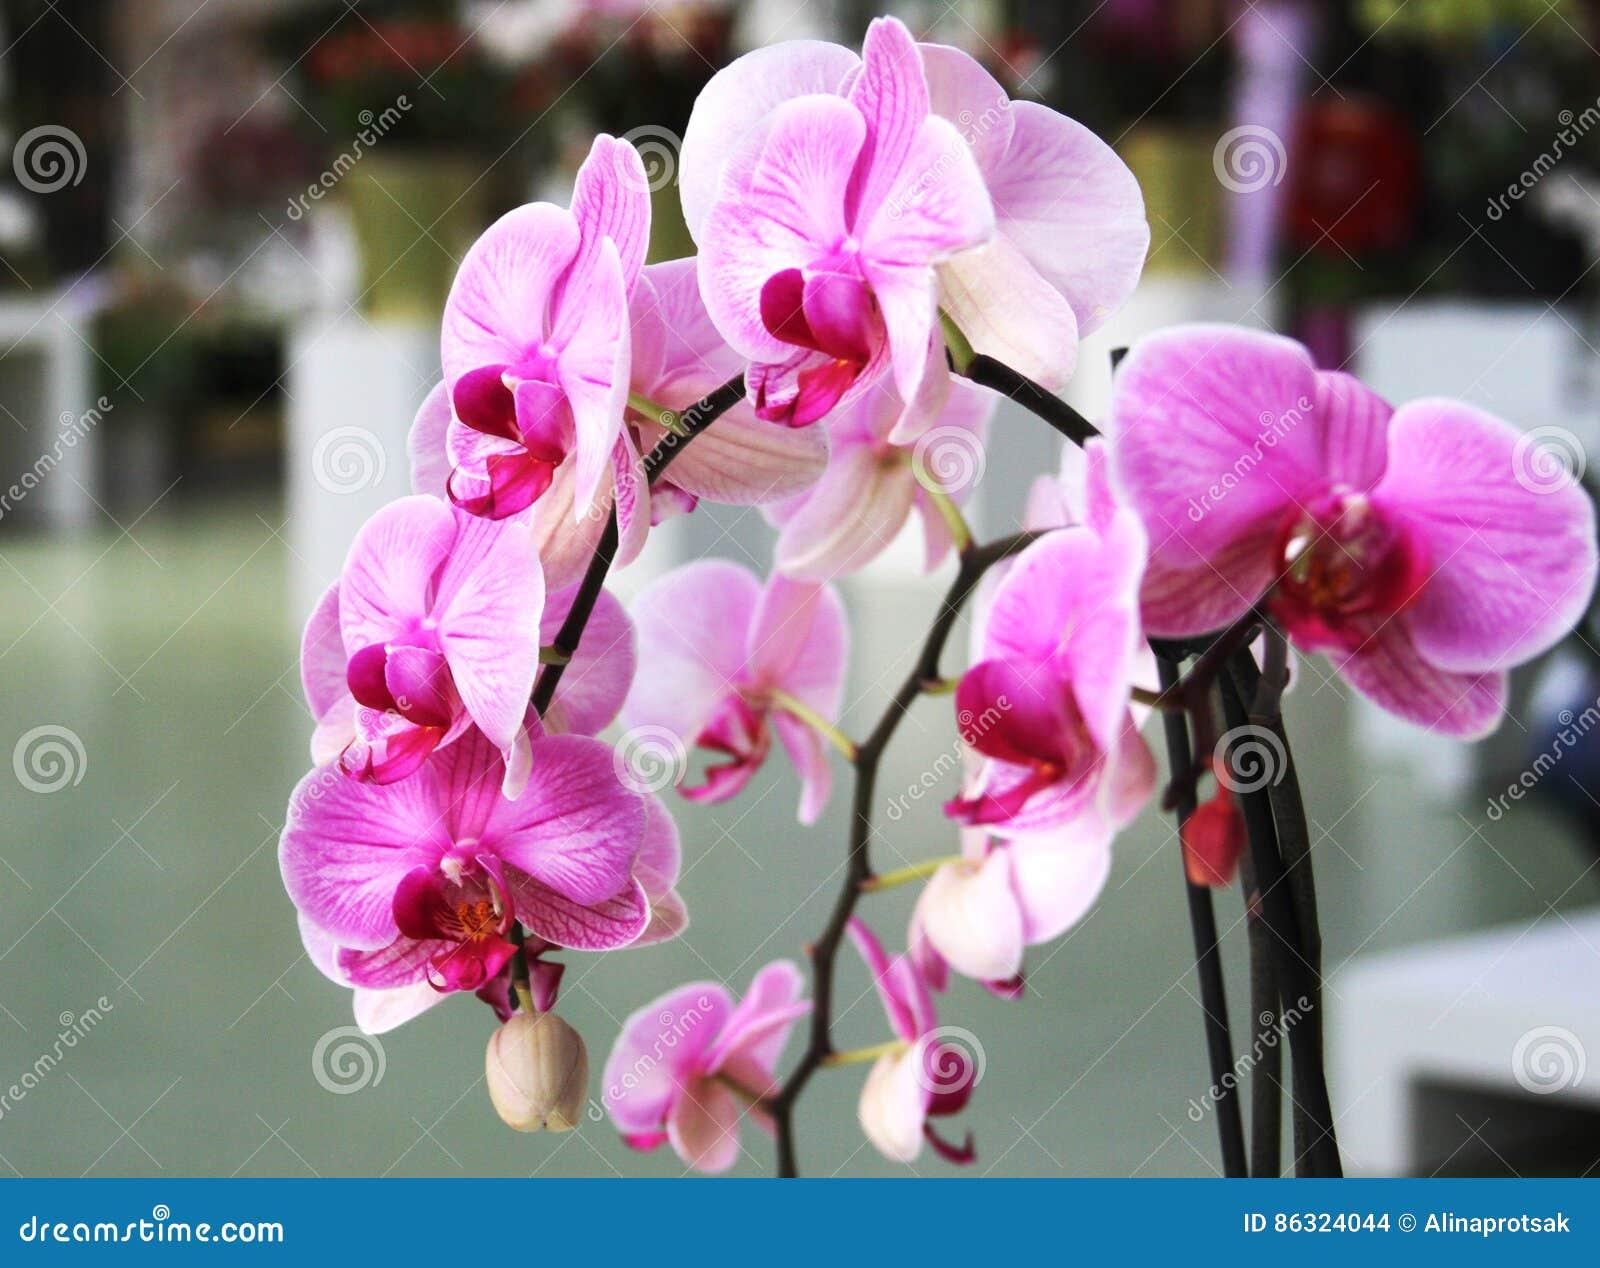 Branche D\'orchidée Rose Dans Le Jardin Botanique Photo stock - Image ...